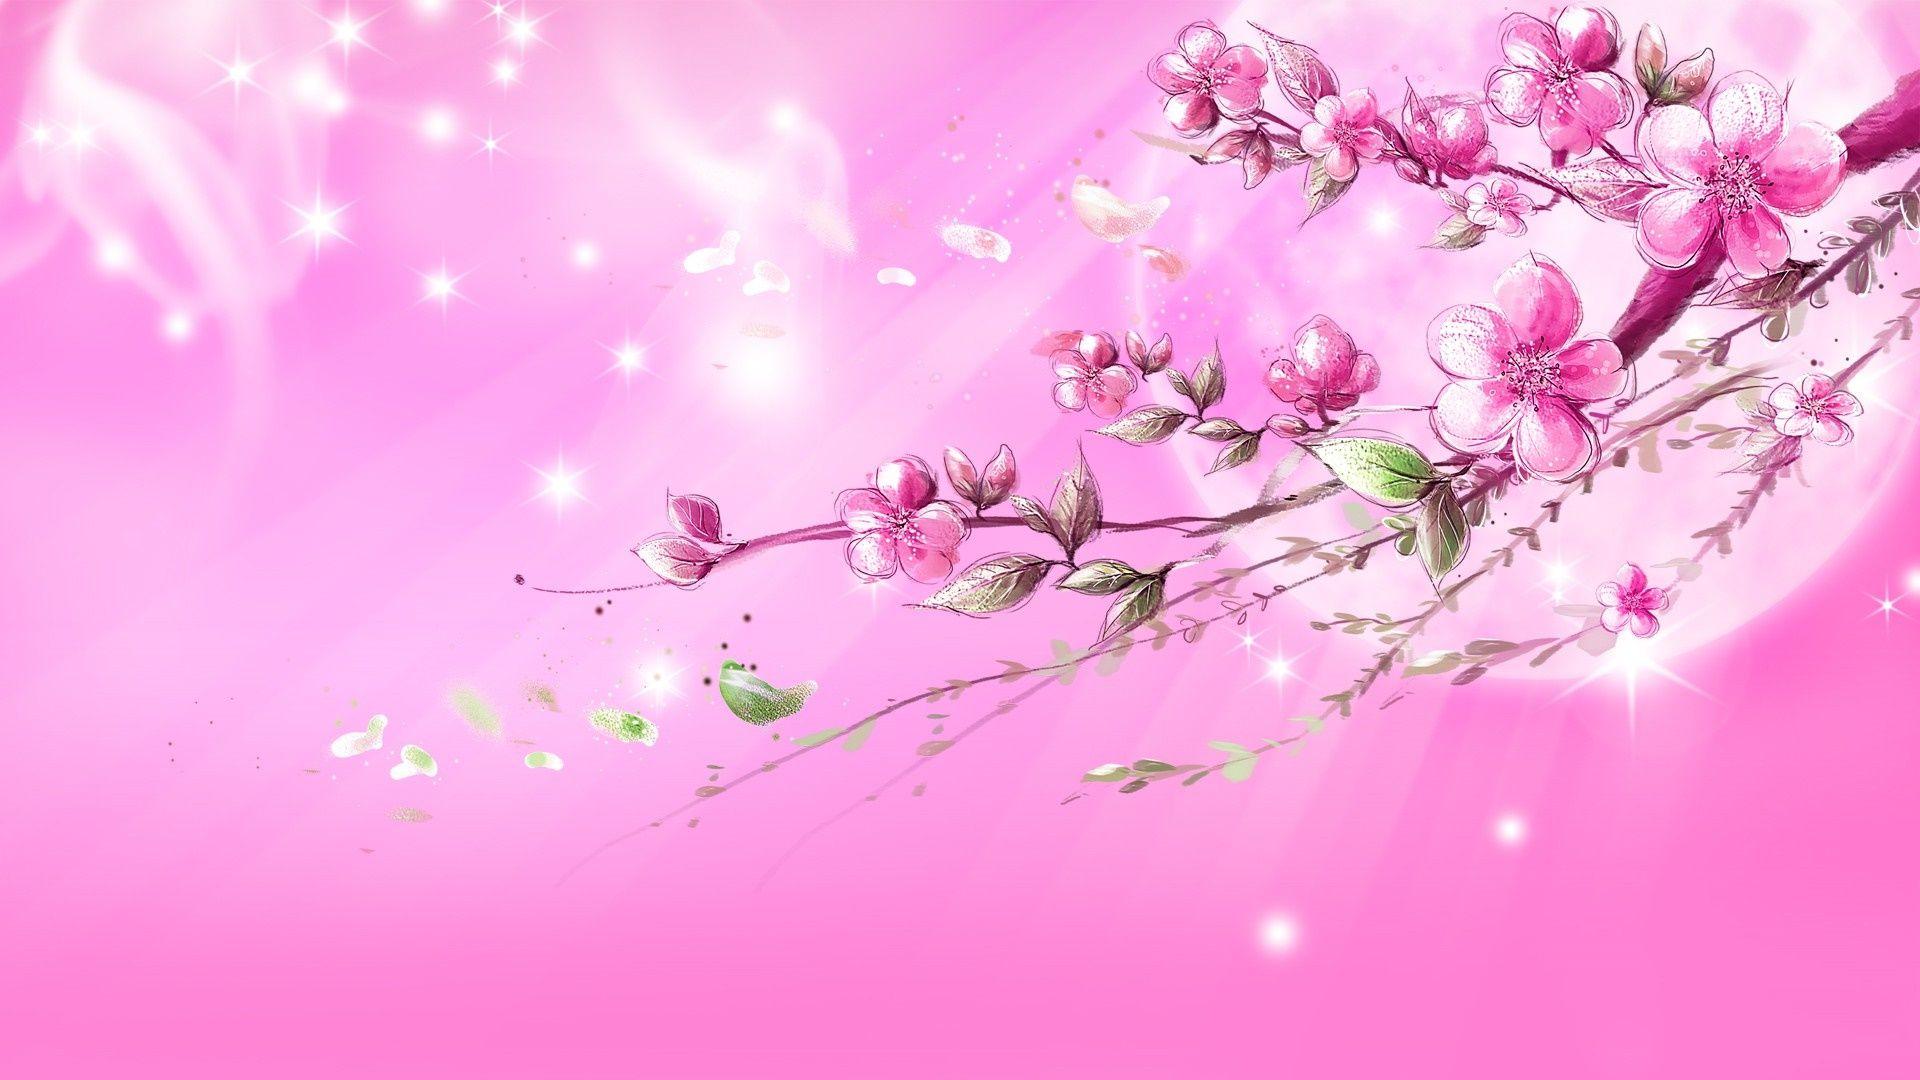 Hd Light Pink Backgrounds Pink Wallpaper Backgrounds Pink Wallpapers Pink Background Images